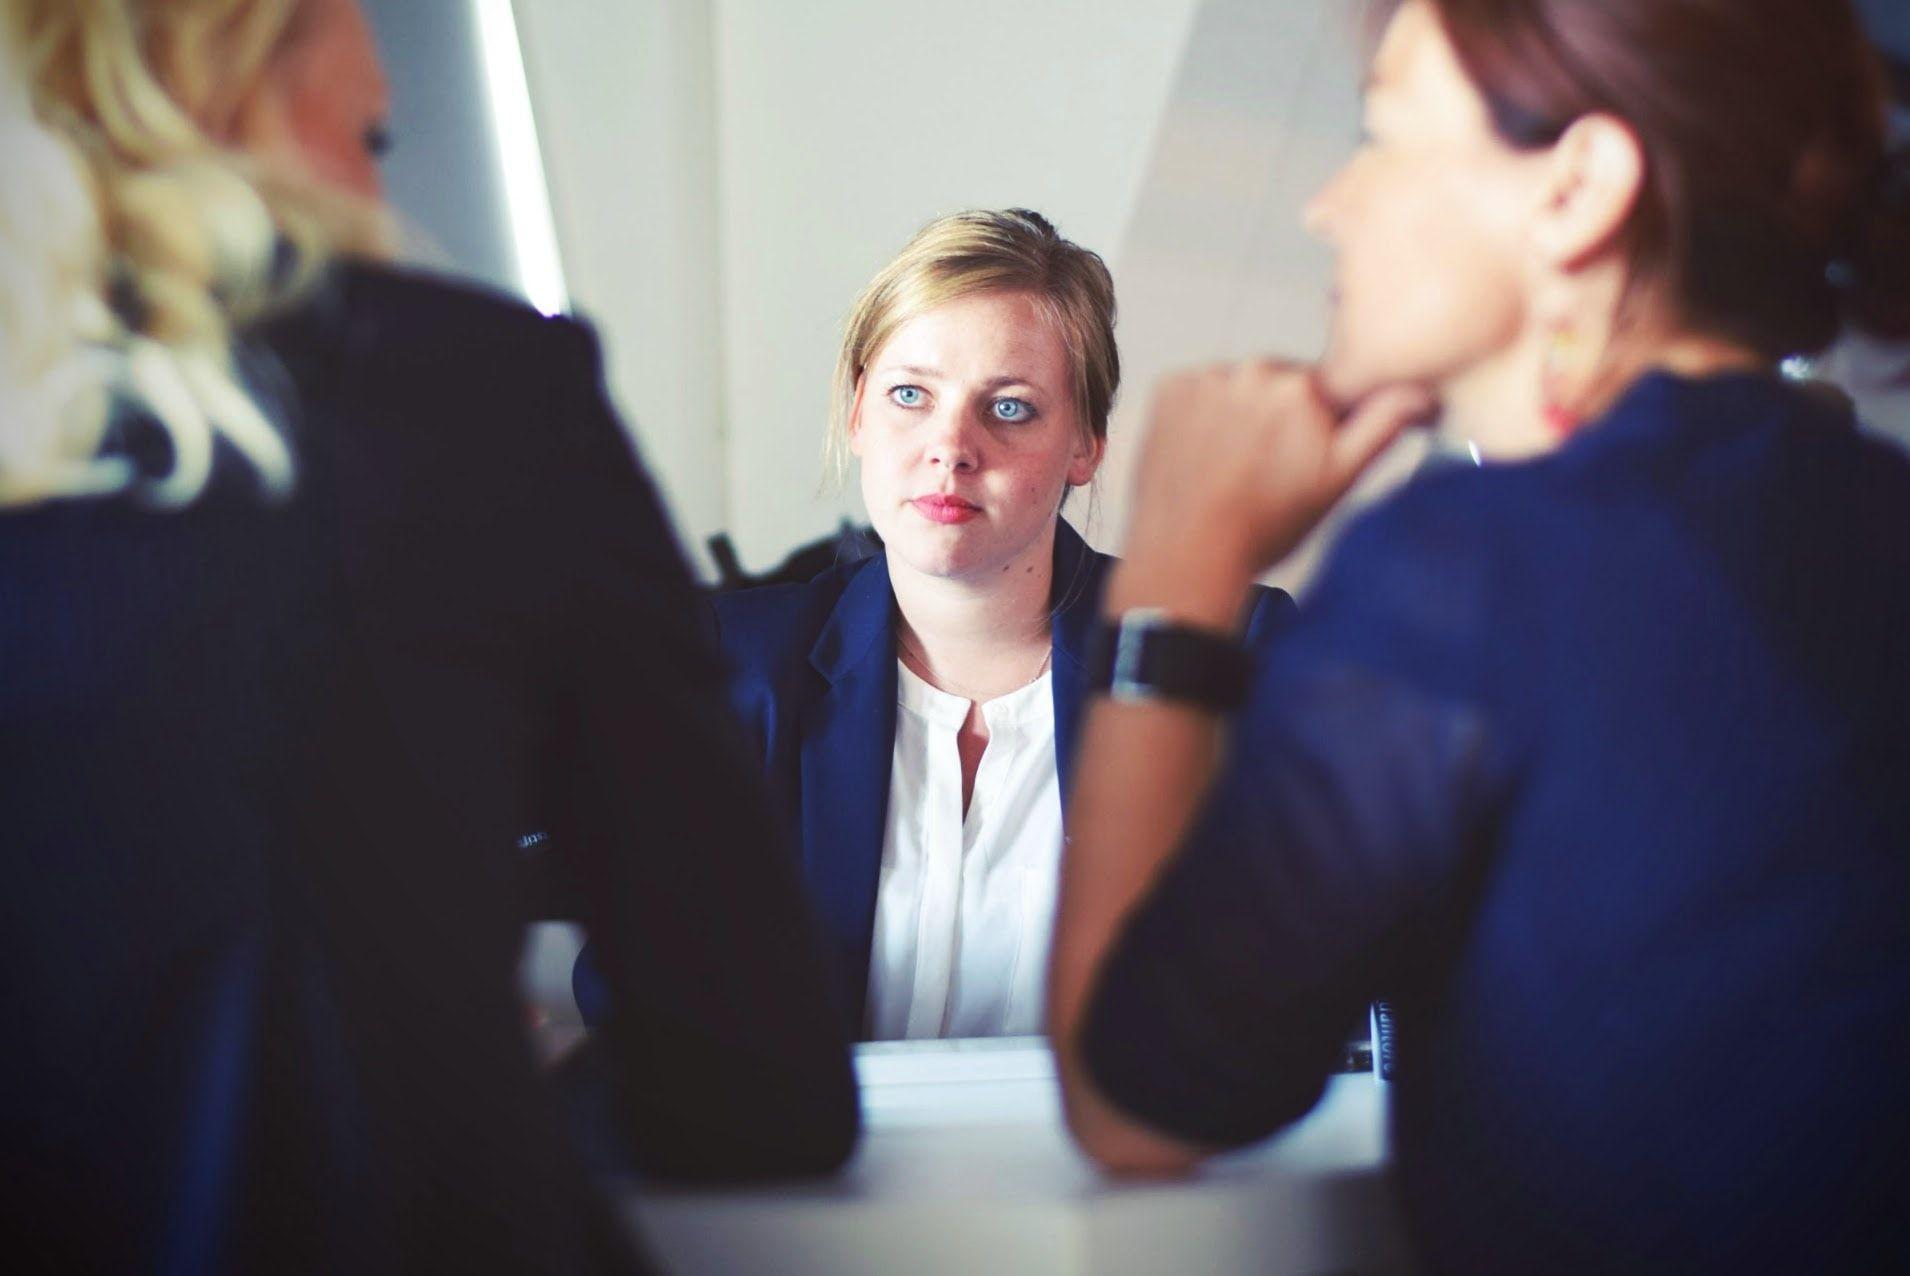 زن در جلسه ی کاری